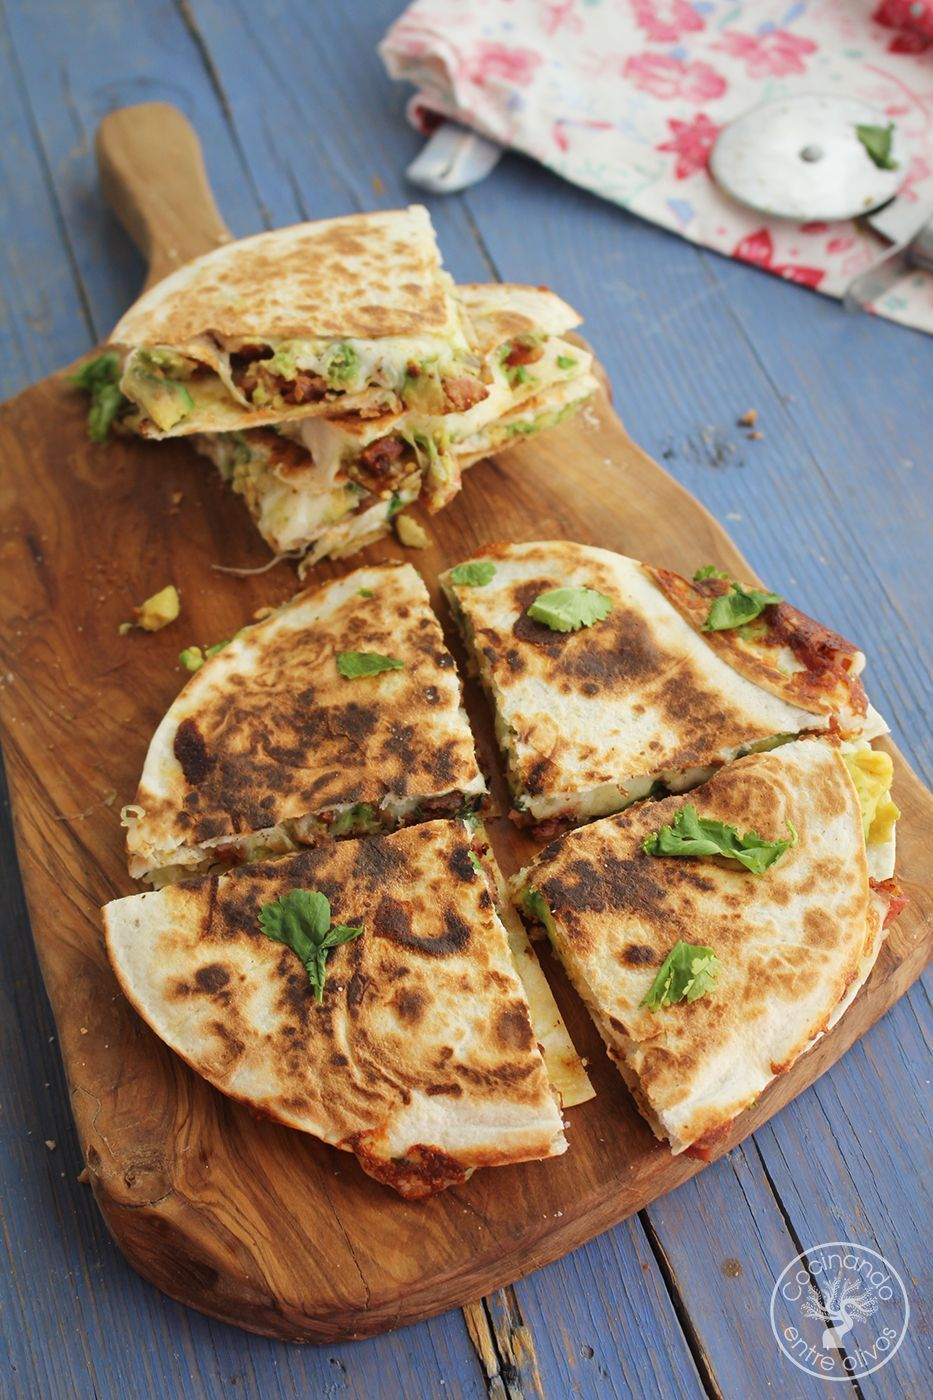 Quesadillas de chorizo criollo y agucate www.cocinandoentreolivos.com (17)